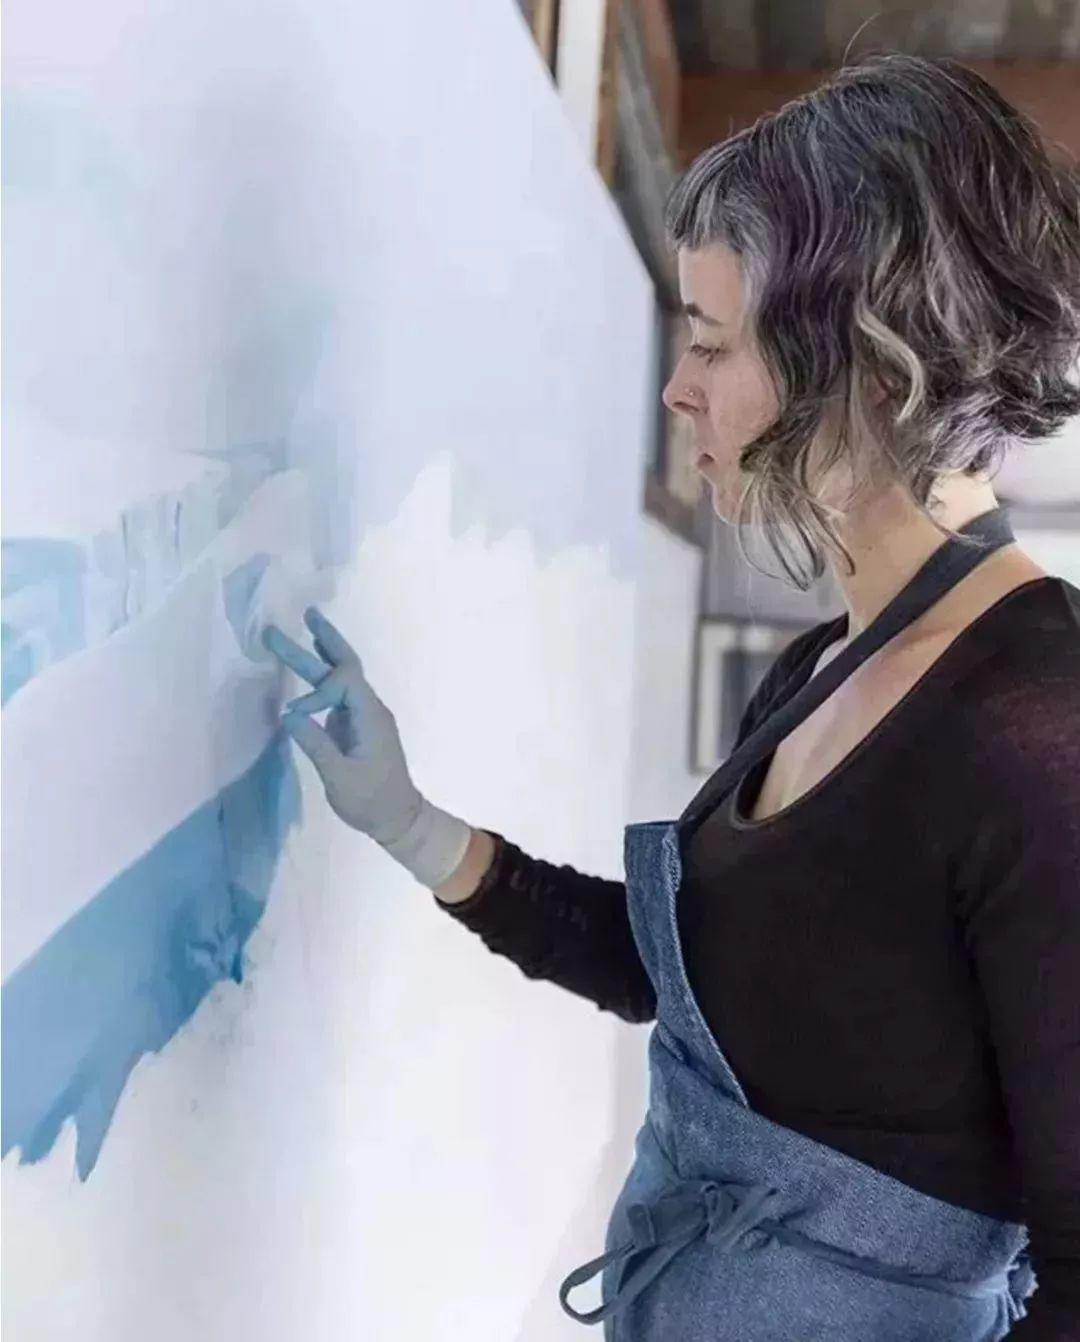 俘获了上千万粉丝的心 她用手指画出震撼的冰山插图75